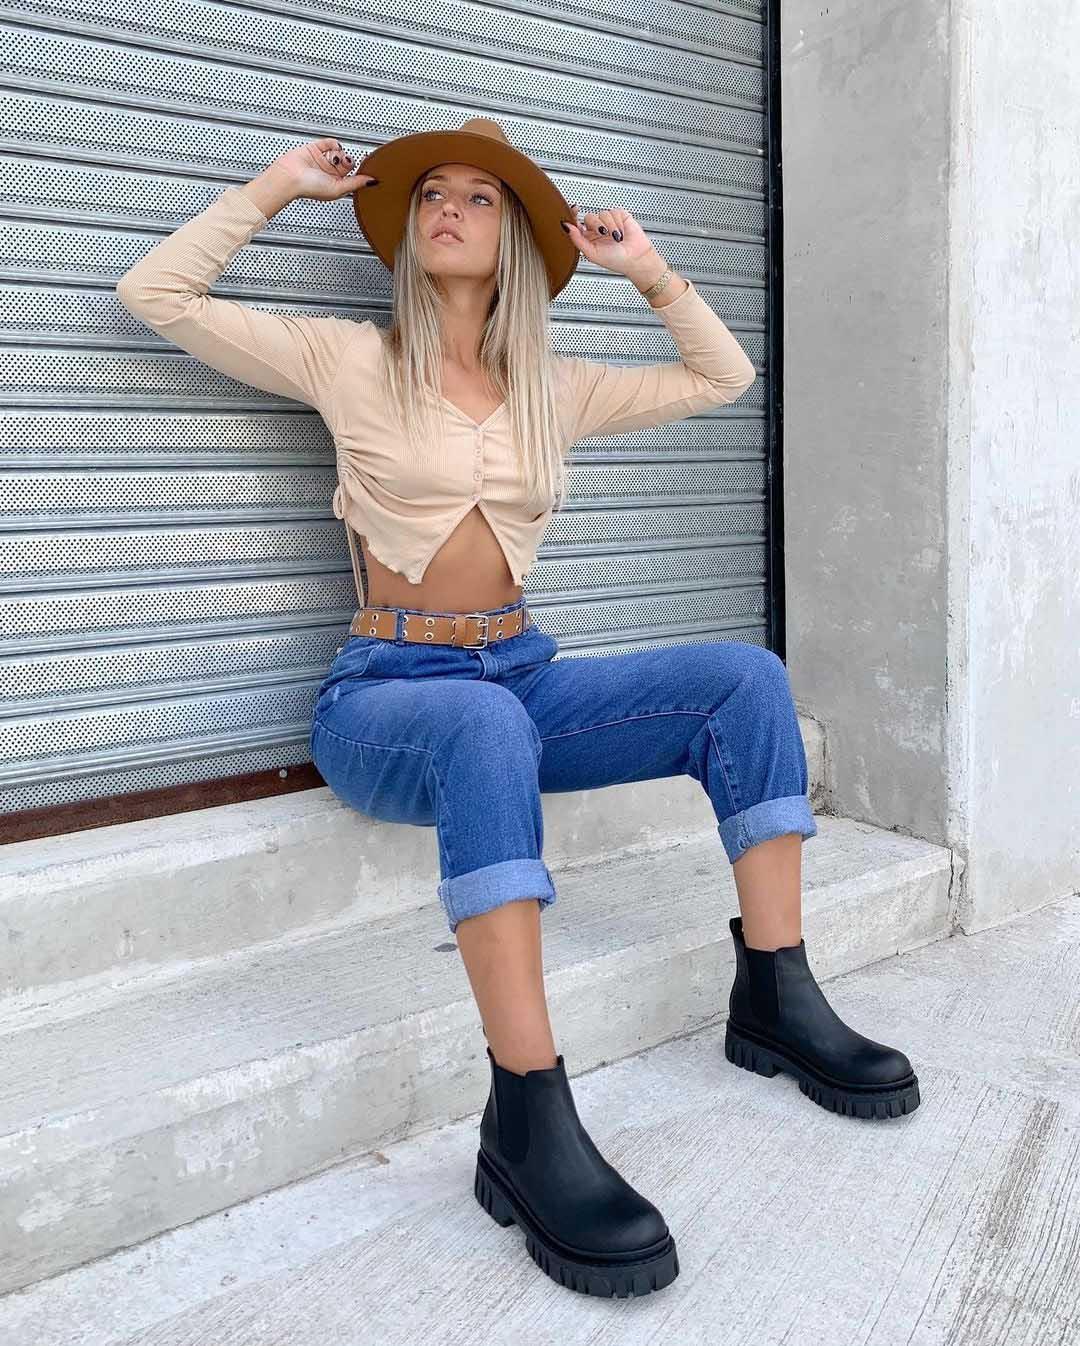 pantalones de jeans de moda 2021 invierno